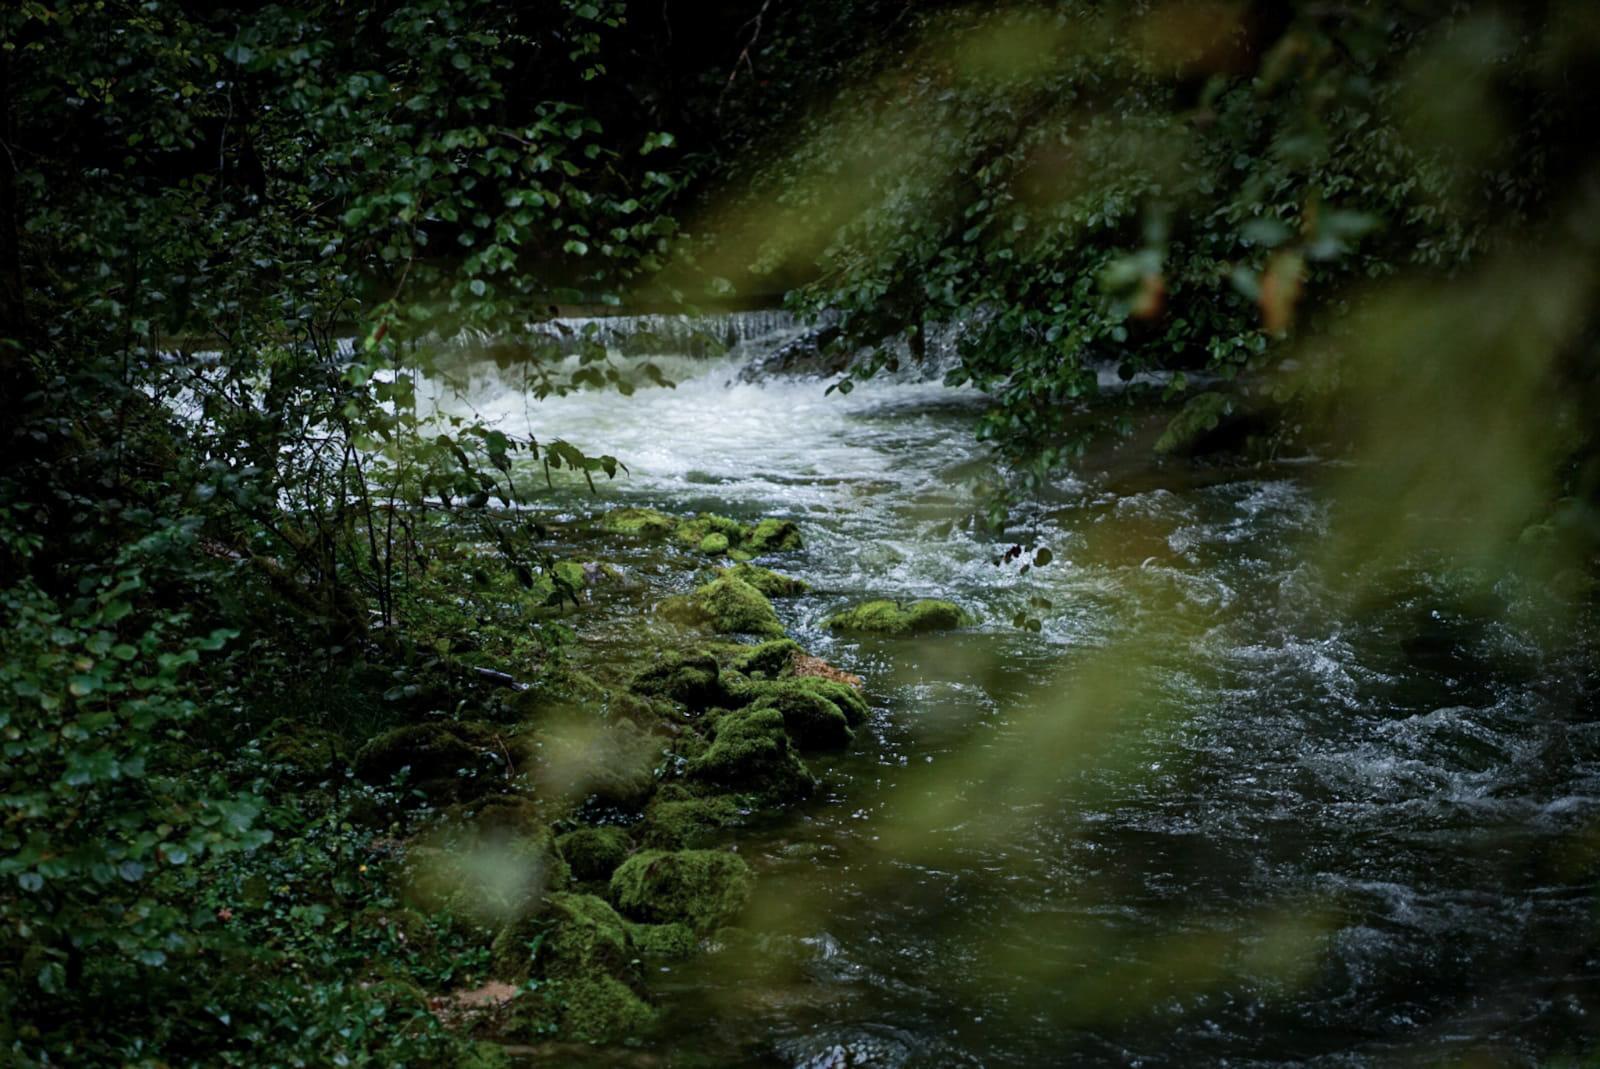 Jura Gorges de l'Abîme ruisseau cascade mousse